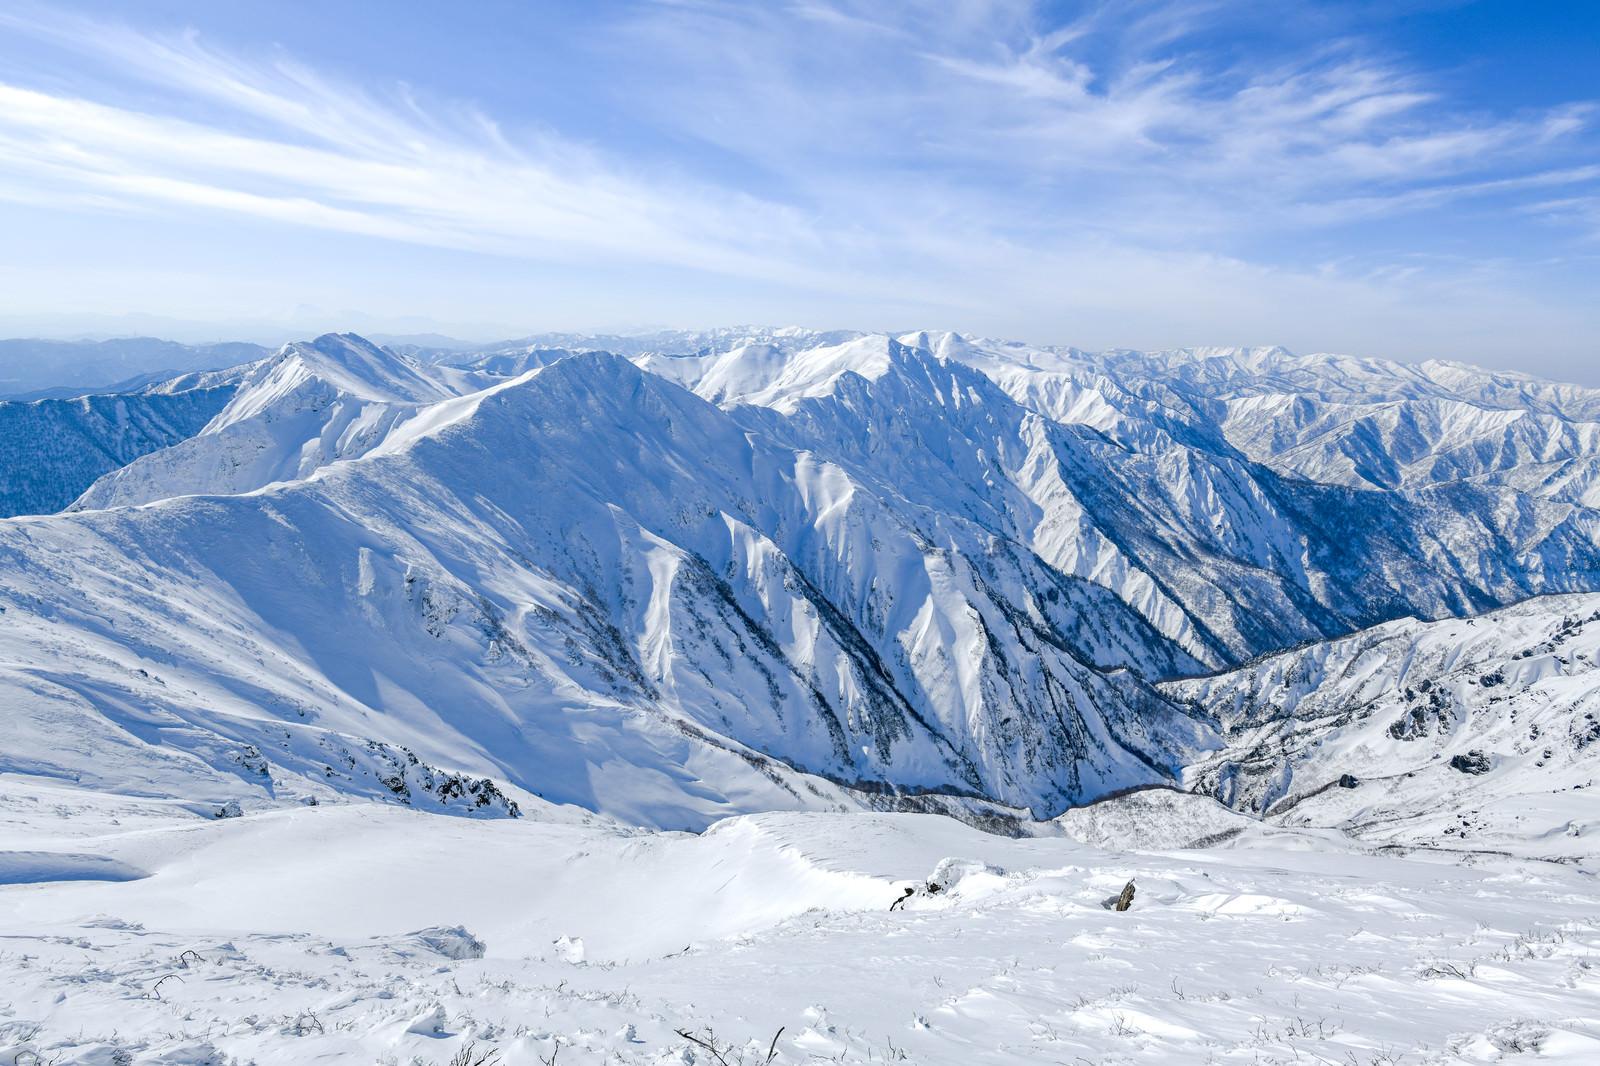 「一ノ倉岳側から見る谷川岳主脈」の写真